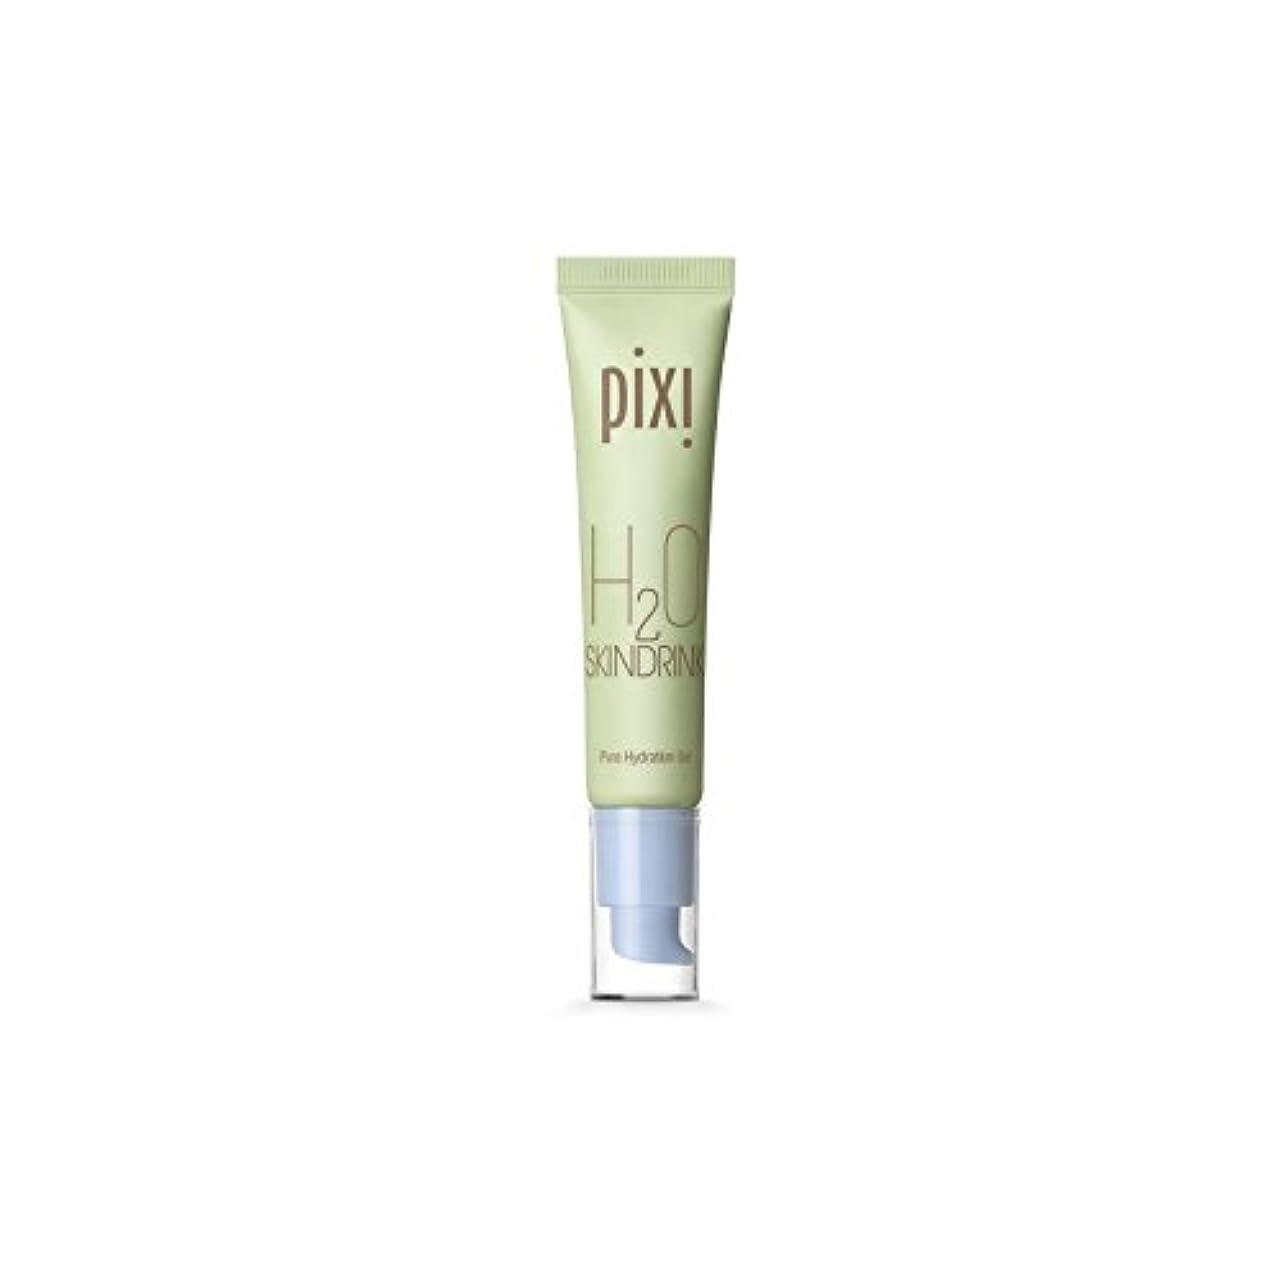 収穫エジプト台風Pixi H20 Skin Drink - 20スキンドリンク [並行輸入品]